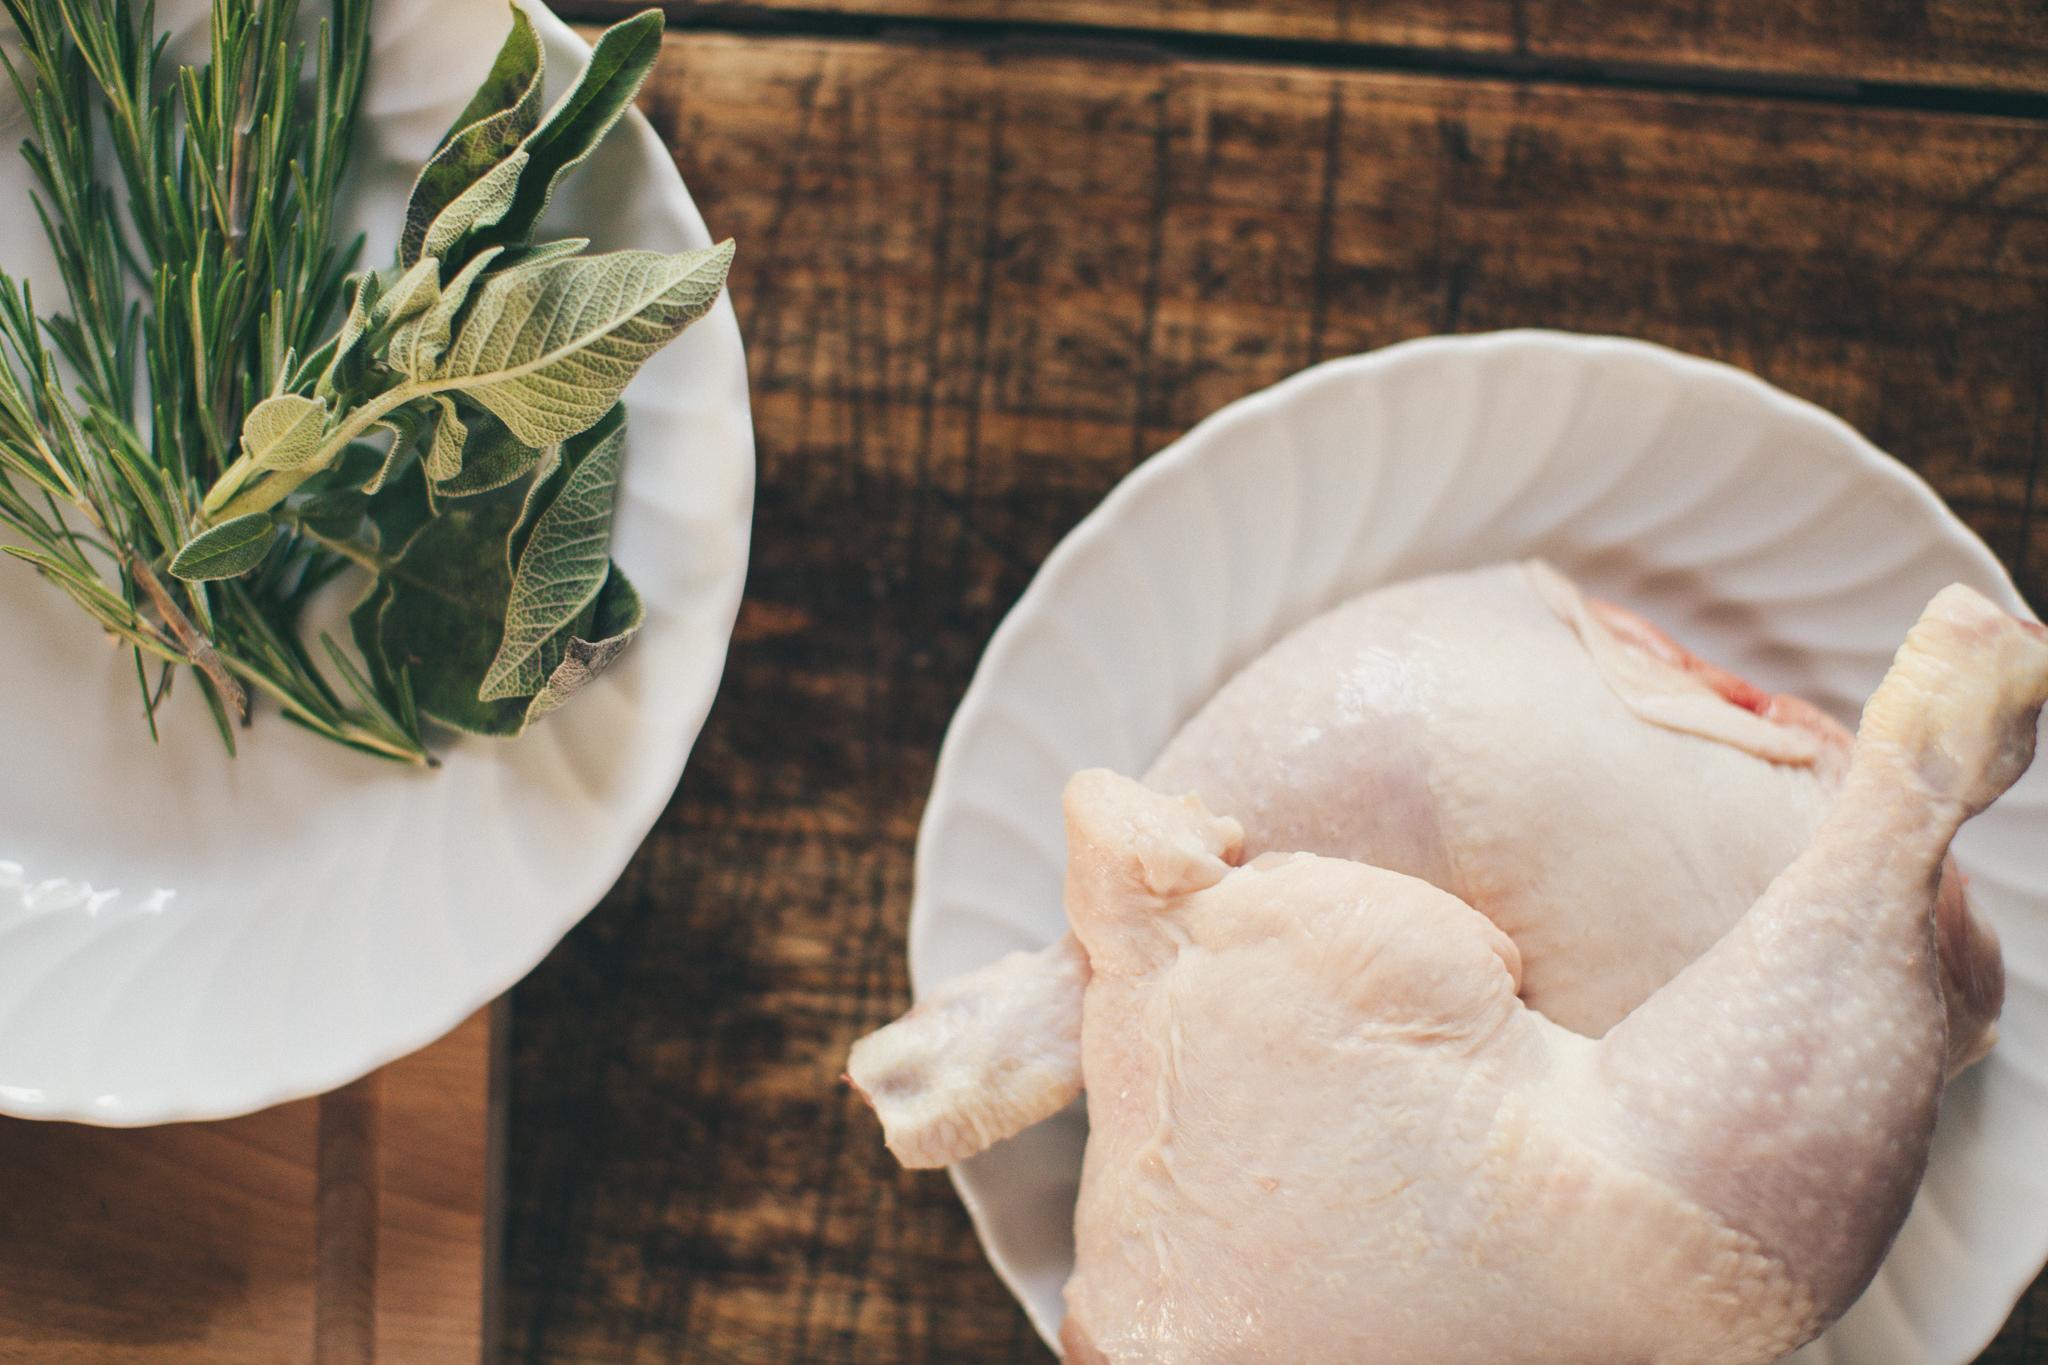 Seefoodplay | EASY ROAST CHICKEN AND VEGETABLES WEEKNIGHT DINNER RECIPE